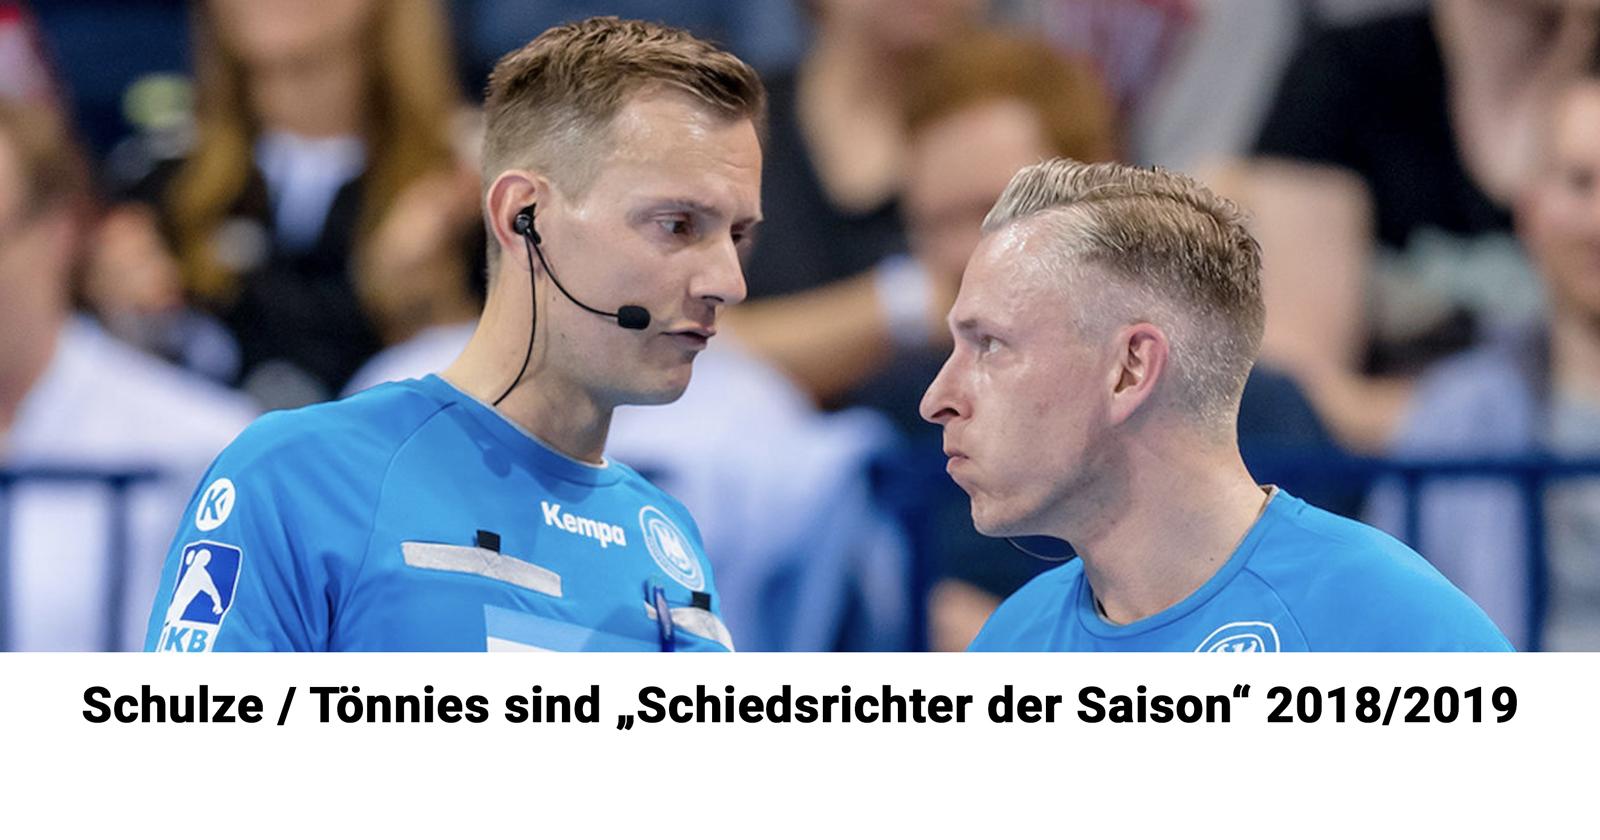 Podcast: Handball-Schiedsrichter über seinen Weg zur Welt-Spitze